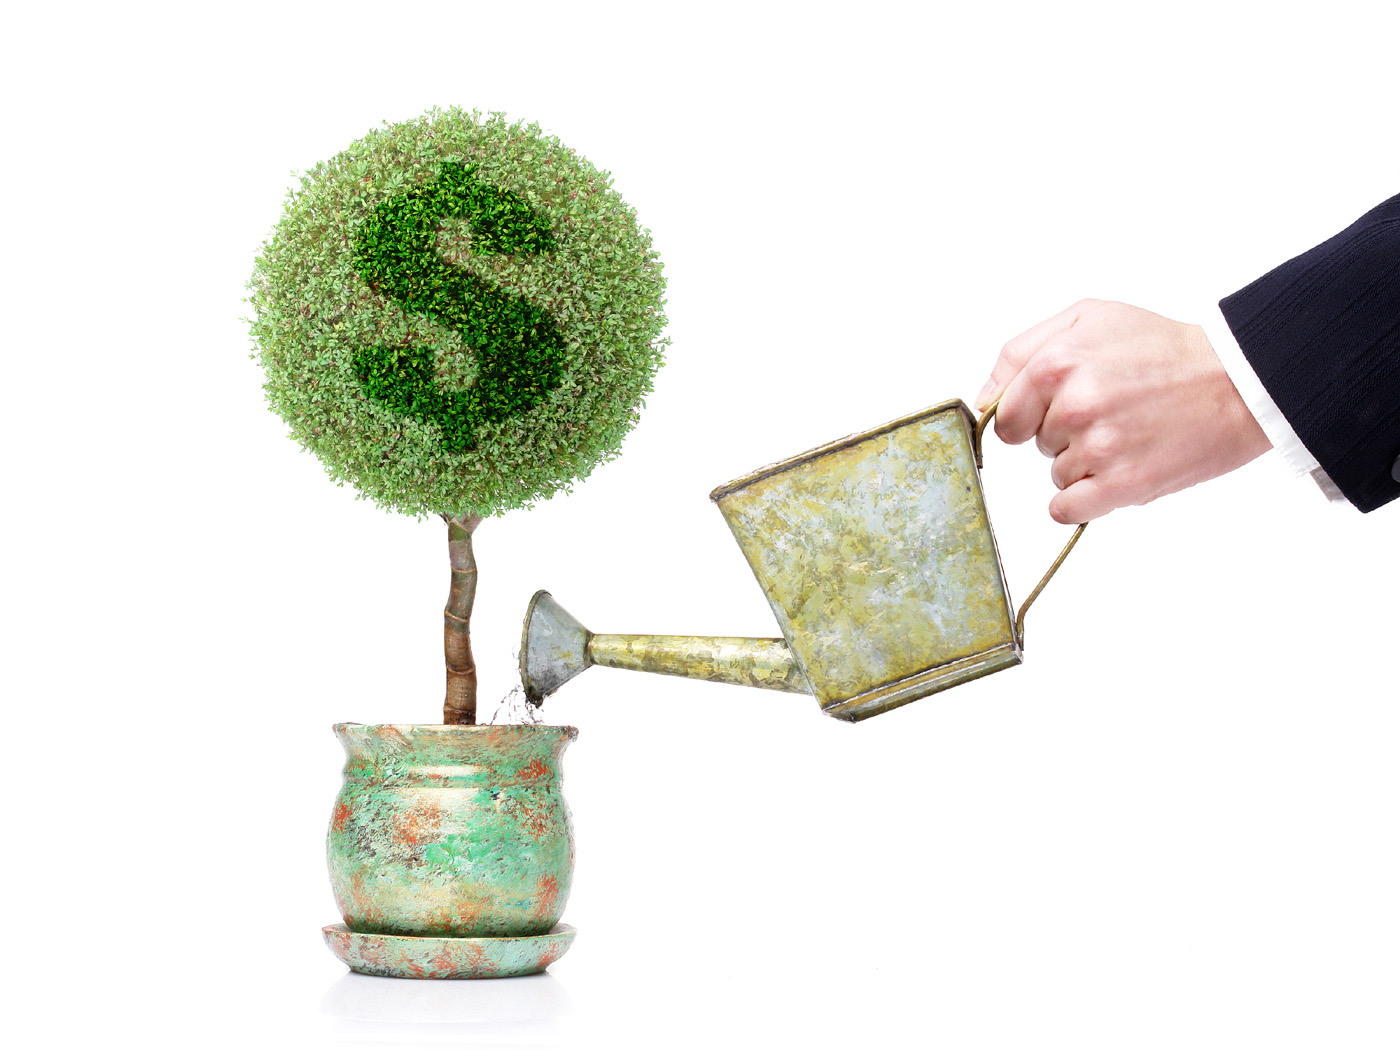 Cómo iniciar un negocio sin dinero. Recomendaciones y opciones